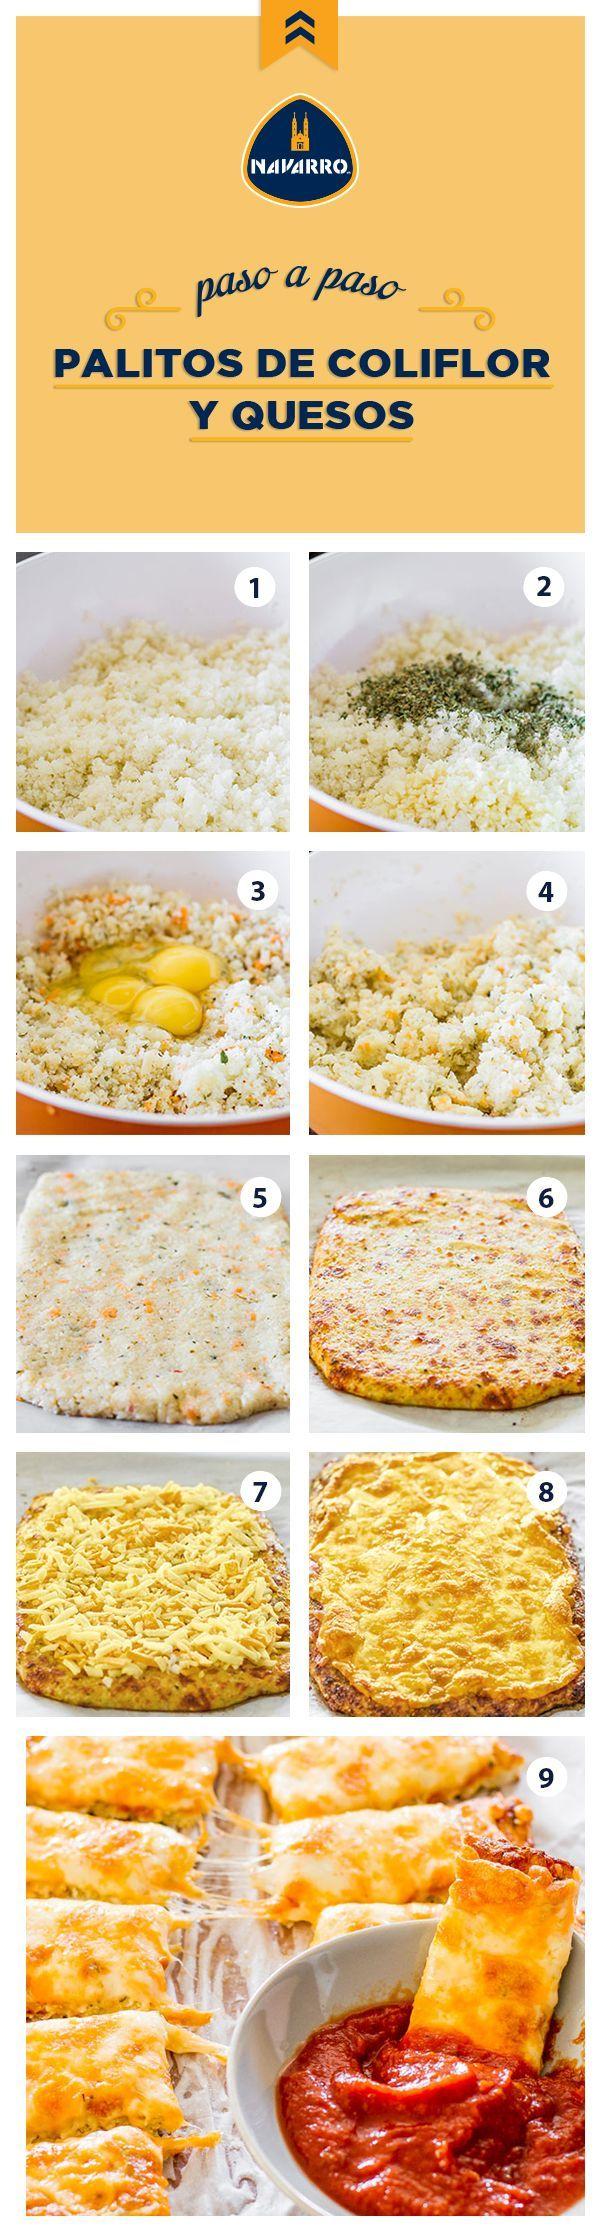 Estos palitos son una buena opción para una botanita sin carbohidratos. Tan solo necesitas: 1 coliflor grande, 4 huevos 2 tazas de una mezcla de Queso Cheddar y Queso Amarillo NAVARRO, 3 cucharaditas de orégano, 4 dientes de ajo picados y sal y pimienta al gusto. Para que tus palitos tengan una textura un poco más crujiente puedes agregar trocitos de zanahoria. | https://lomejordelaweb.es/